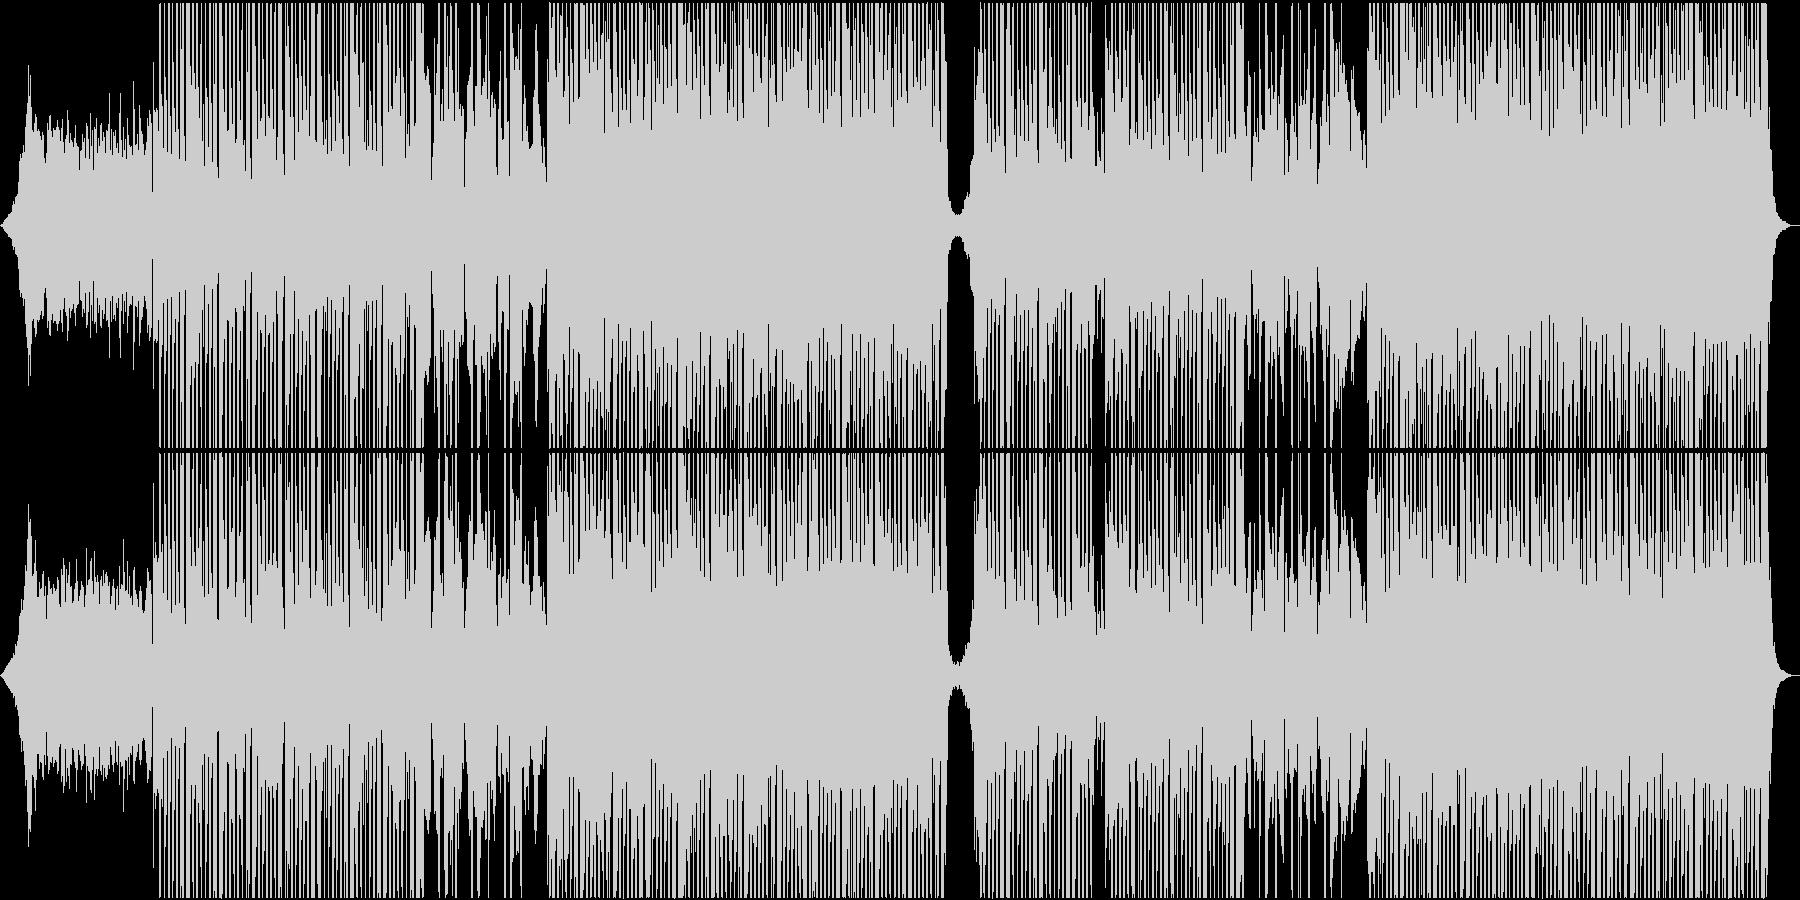 疾走感のあるテクポップ、シンセウェーブ♬の未再生の波形